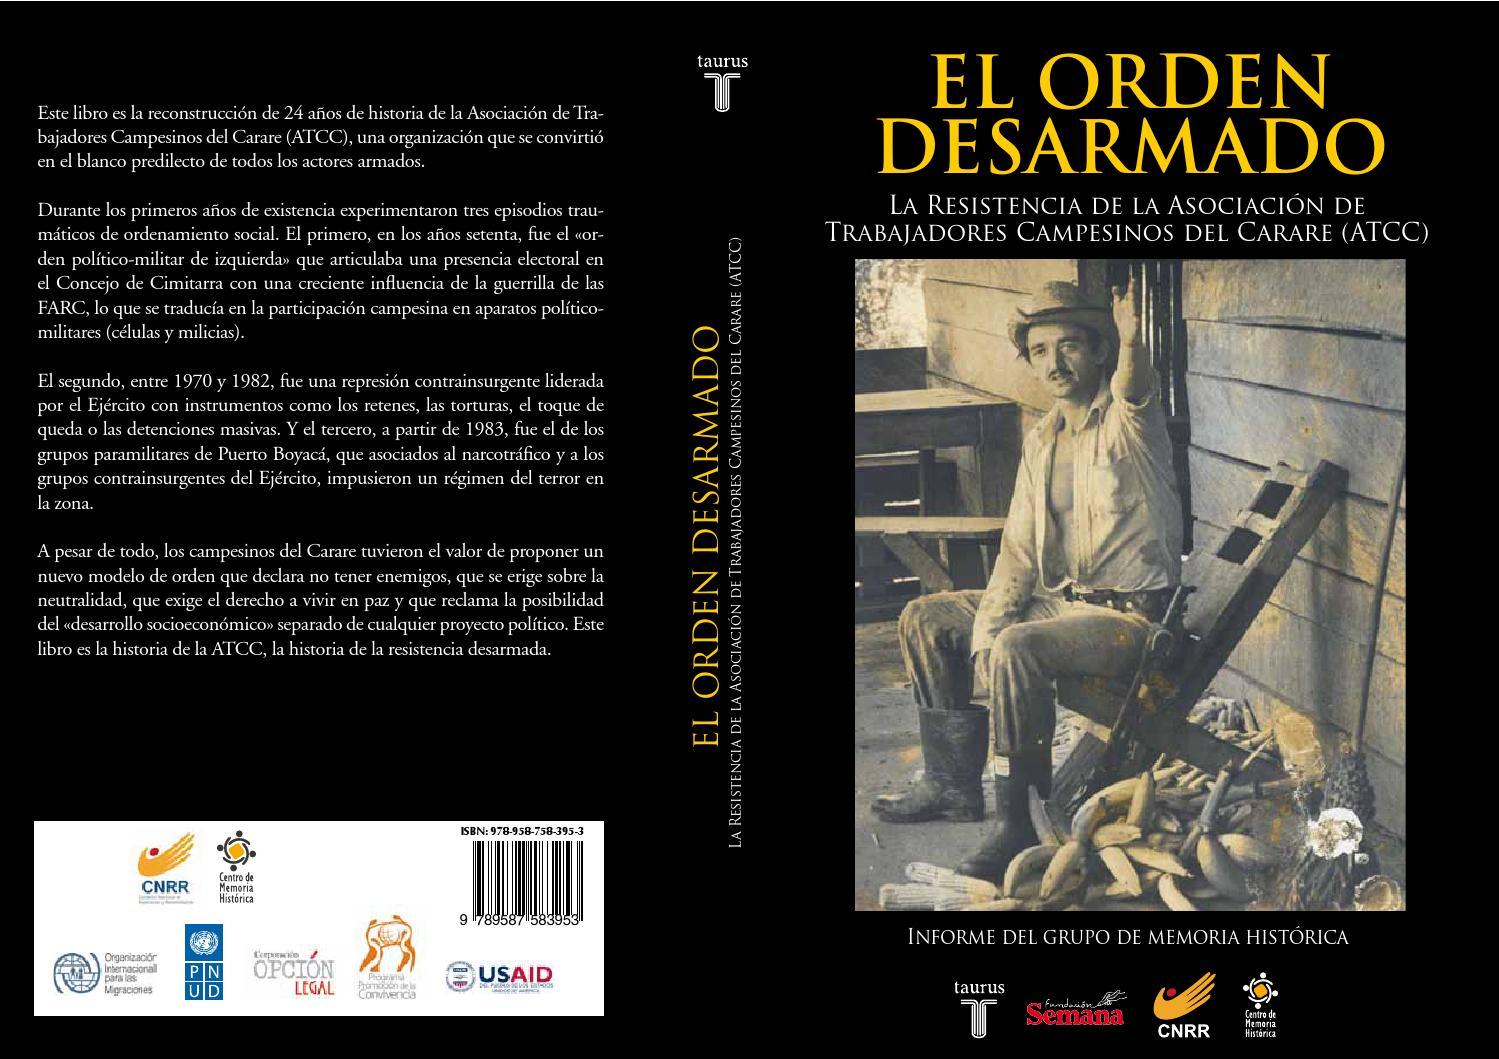 La resistencia de la Asociación de los Trabajadores Campesinos del Carare  (ATCC) by Centro Nacional de Memoria Histórica - issuu c9228e94bb1